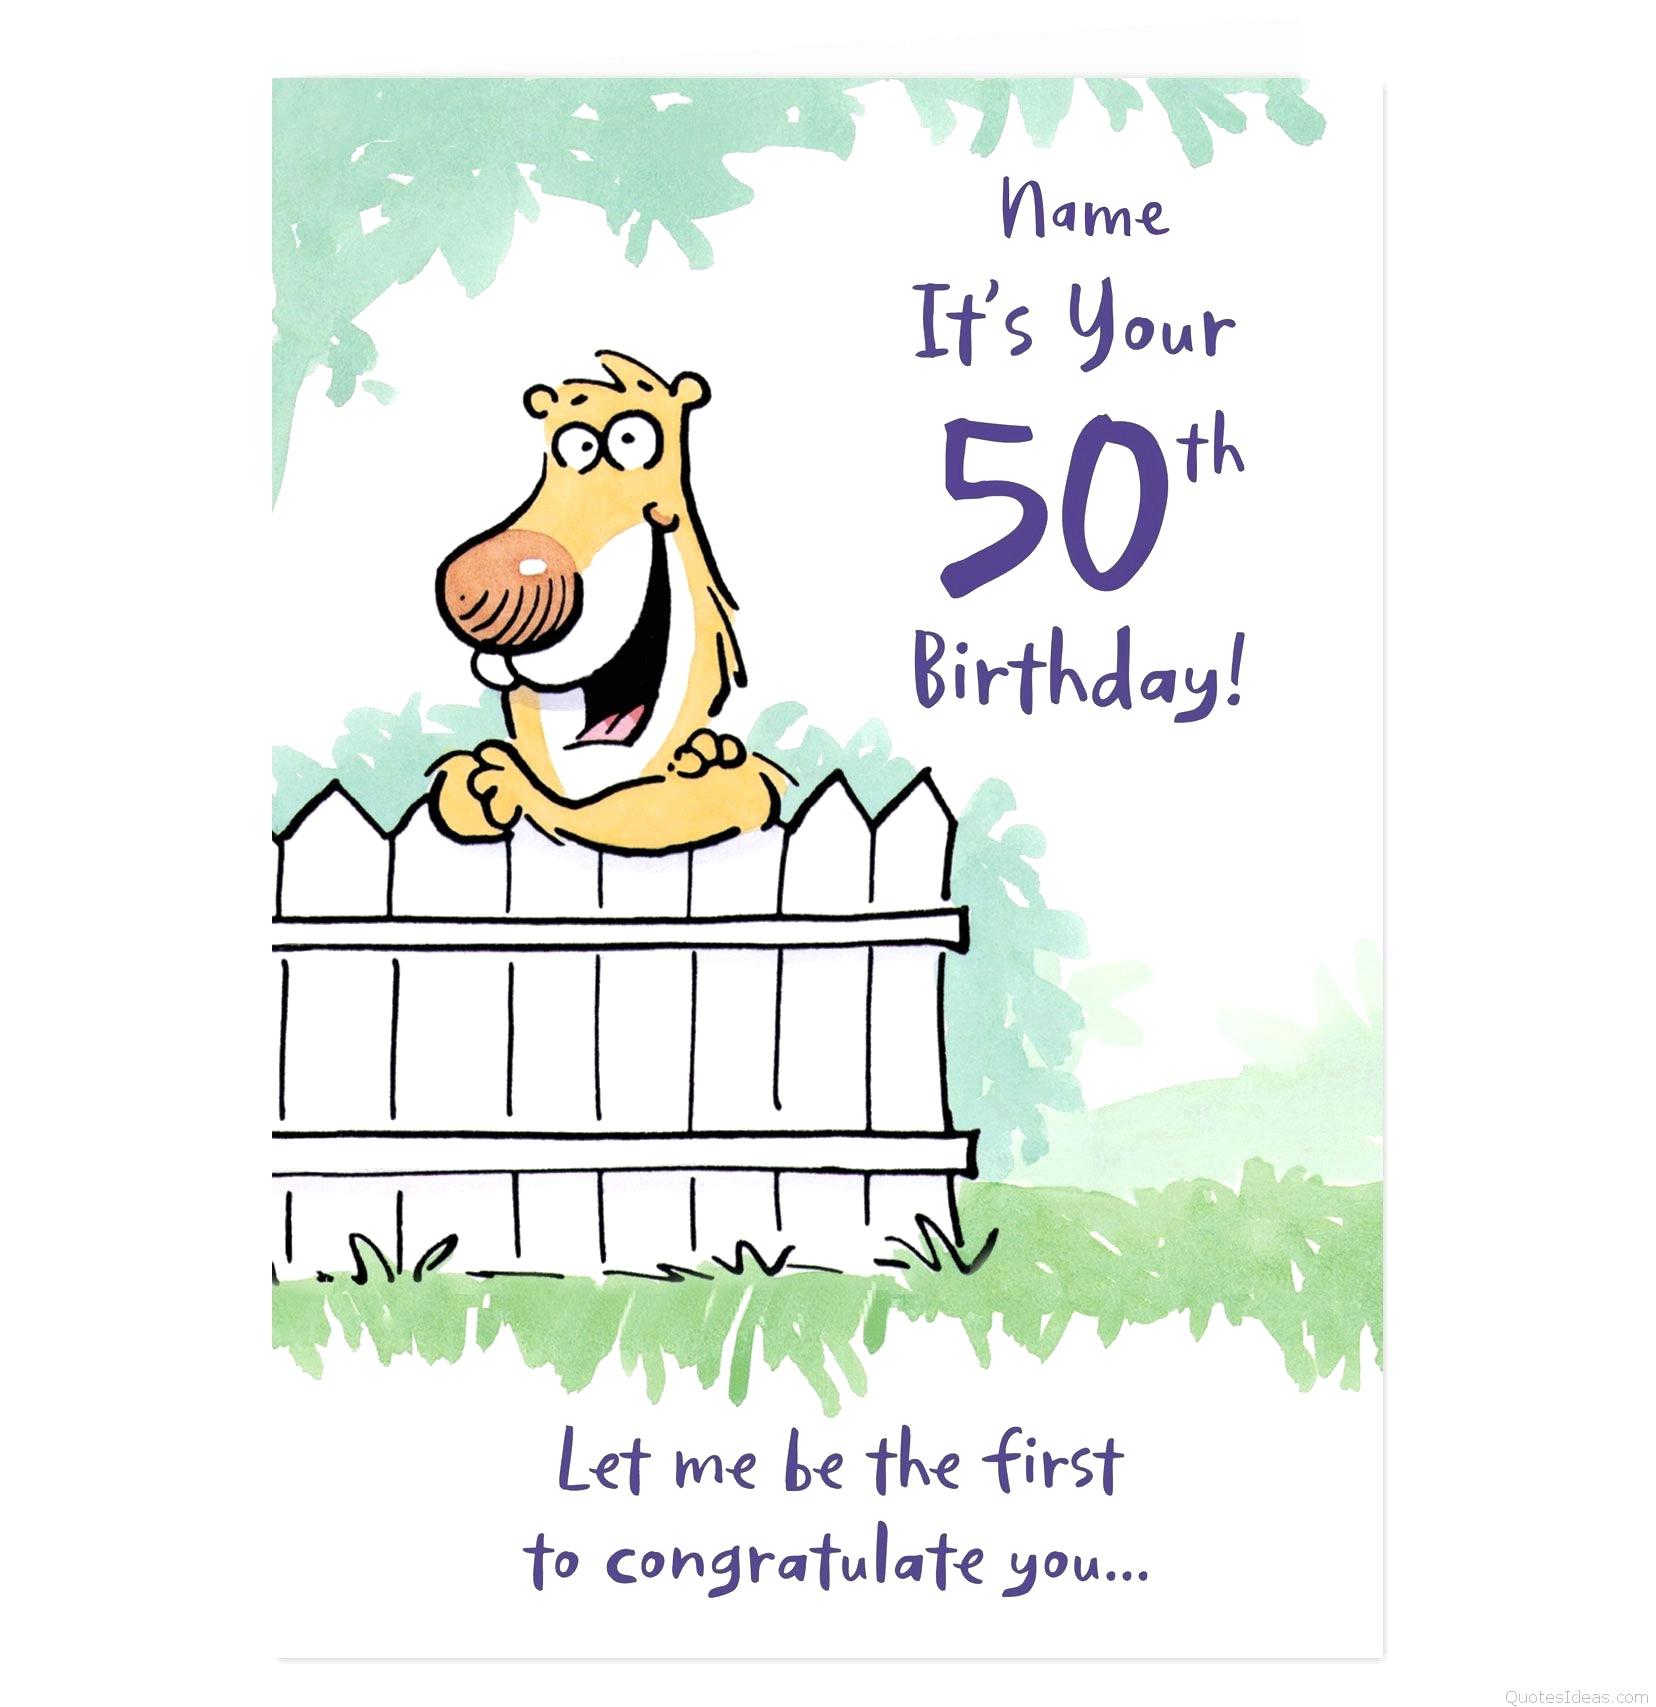 bilder happy birthday kostenlos luxus free birthday cards creative birthday cards elegant of bilder happy birthday kostenlos jpg